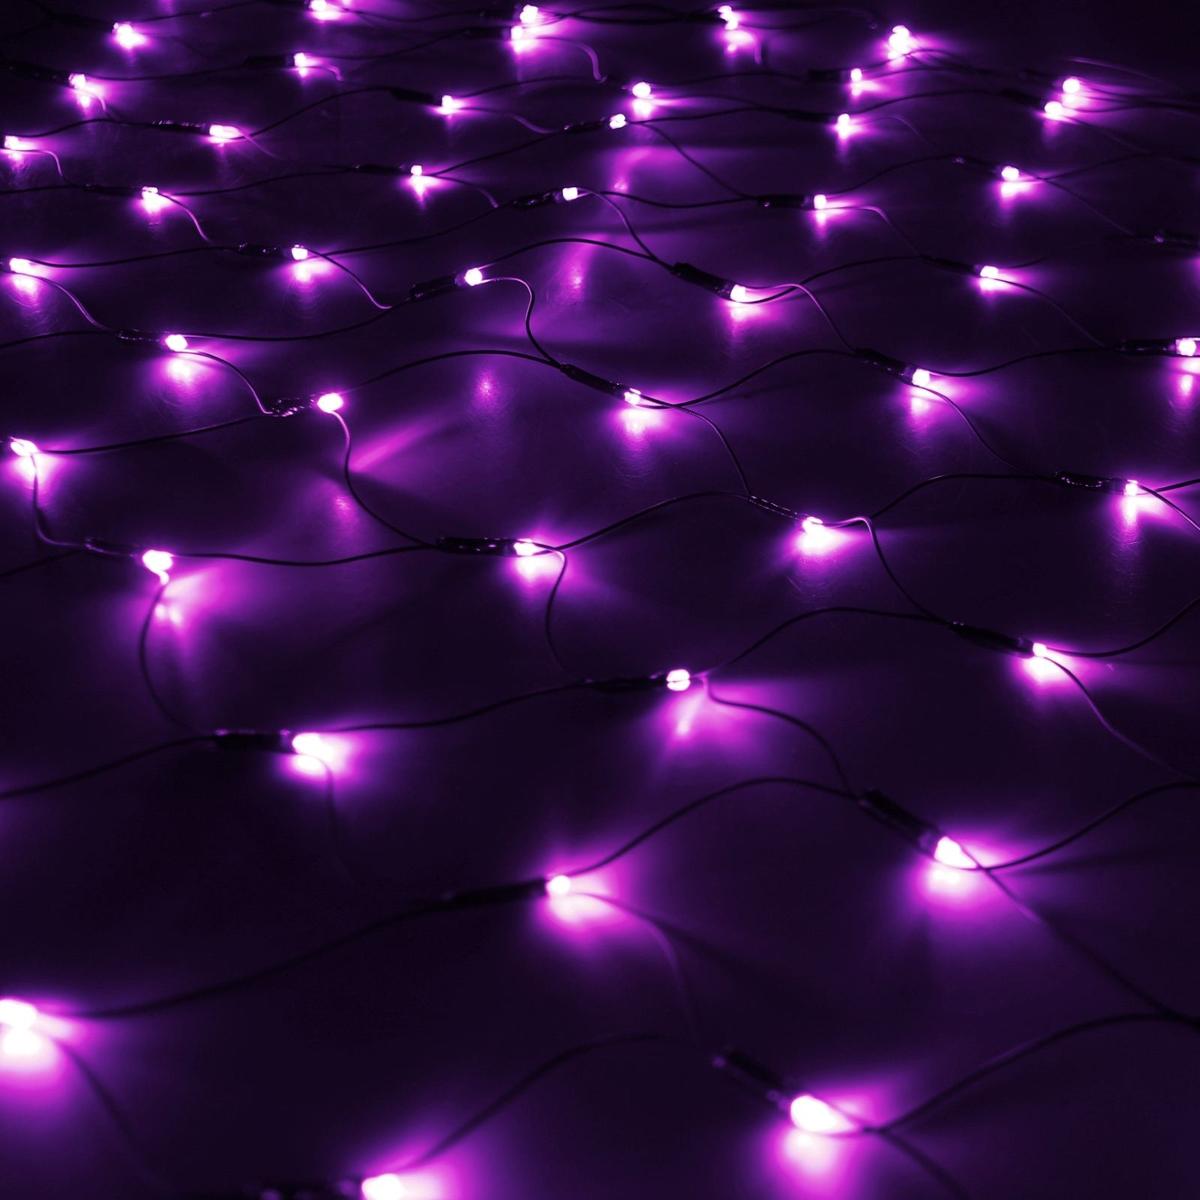 Гирлянда Luazon Сетка, длина 1,1 м, LED 144 ламп, 220V, цвет: фиолетовый. 187227255-054Светодиодные гирлянды, ленты и т.д — это отличный вариант для новогоднего оформления интерьера или фасада. С их помощью помещение любого размера можно превратить в праздничный зал, а внешние элементы зданий, украшенные ими, мгновенно станут напоминать очертания сказочного дворца. Такие украшения создают ауру предвкушения чуда. Деревья, фасады, витрины, окна и арки будто специально созданы, чтобы вы украсили их светящимися нитями.